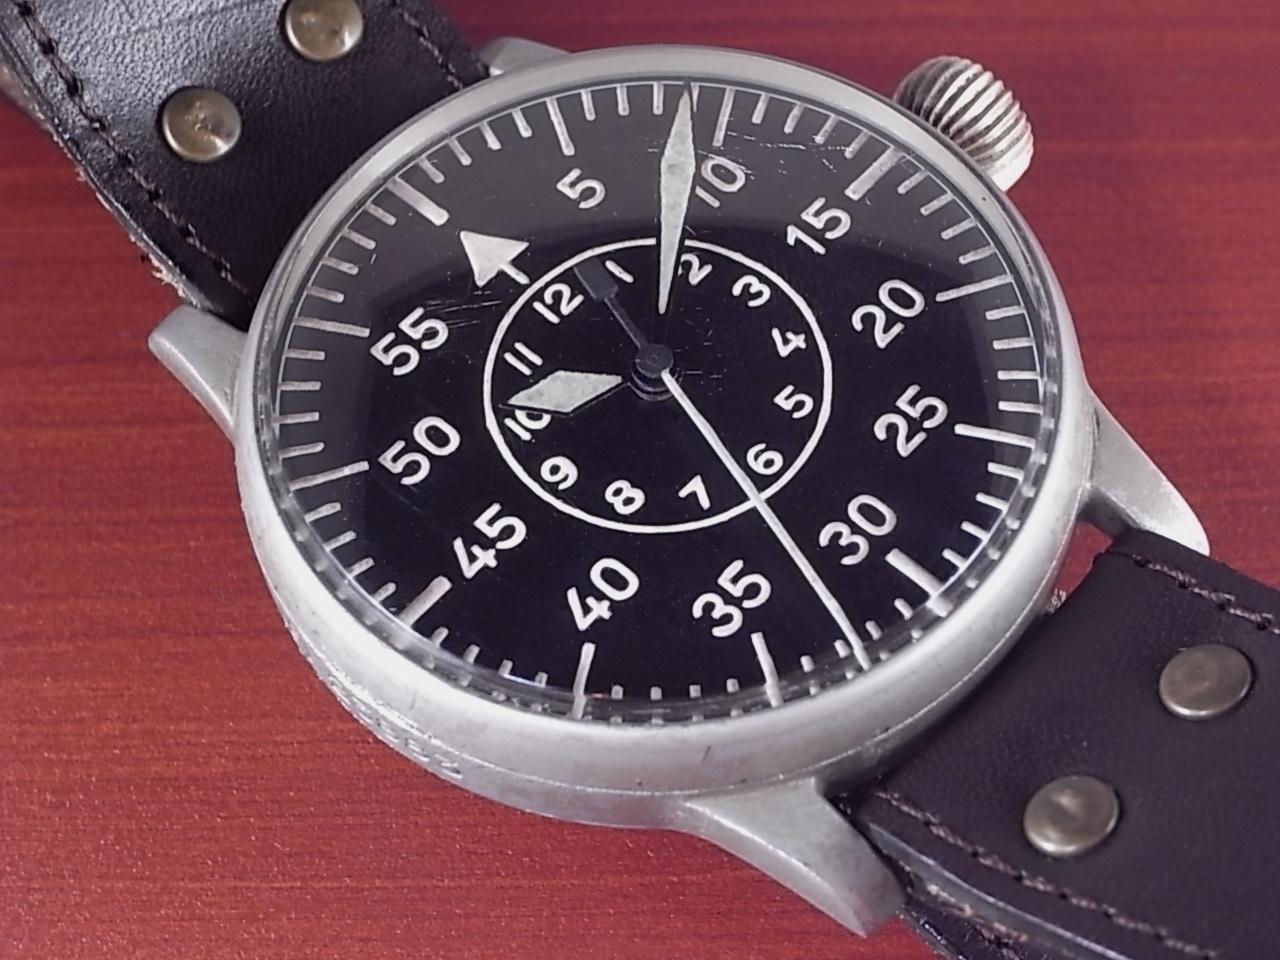 ランゲ&ゾーネ ドイツ空軍 Bウォッチ タイプB 偵察機用時計 第二次世界大戦 1940年代のメイン写真